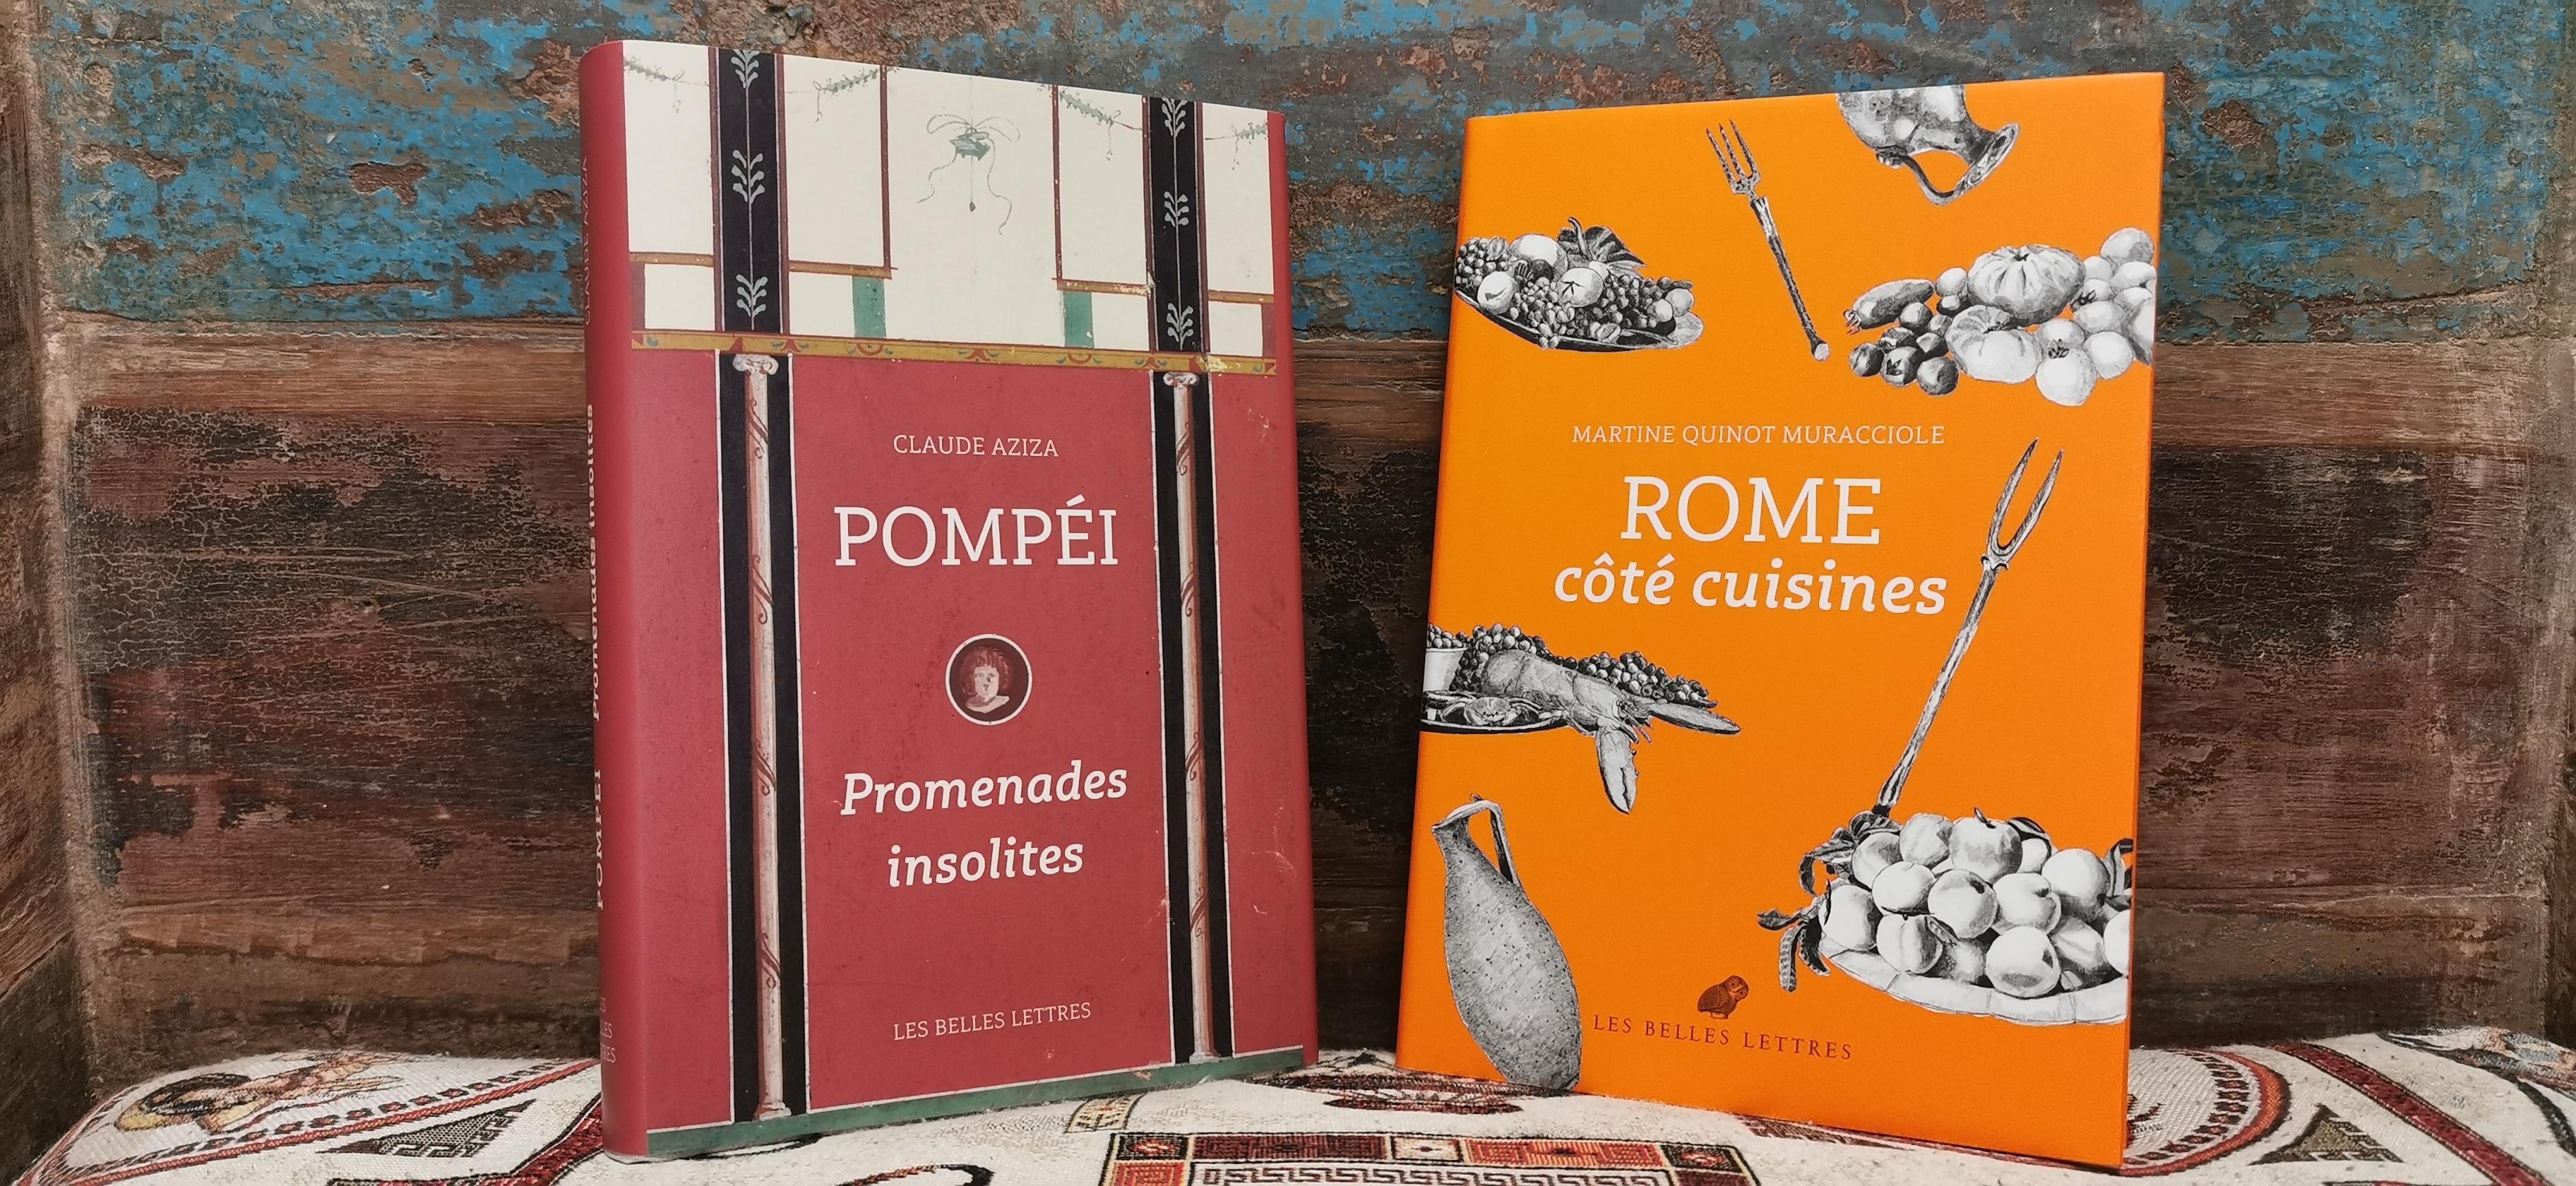 Nous recevons samedi 12 juin, 2 auteurs, qui seront là pour discuter et dédicacer leurs ouvrages : Claude Aziza, pour Pompéi Promenades insolites, et Martine Quinot-Muracciole, pour Rome côté cuisines